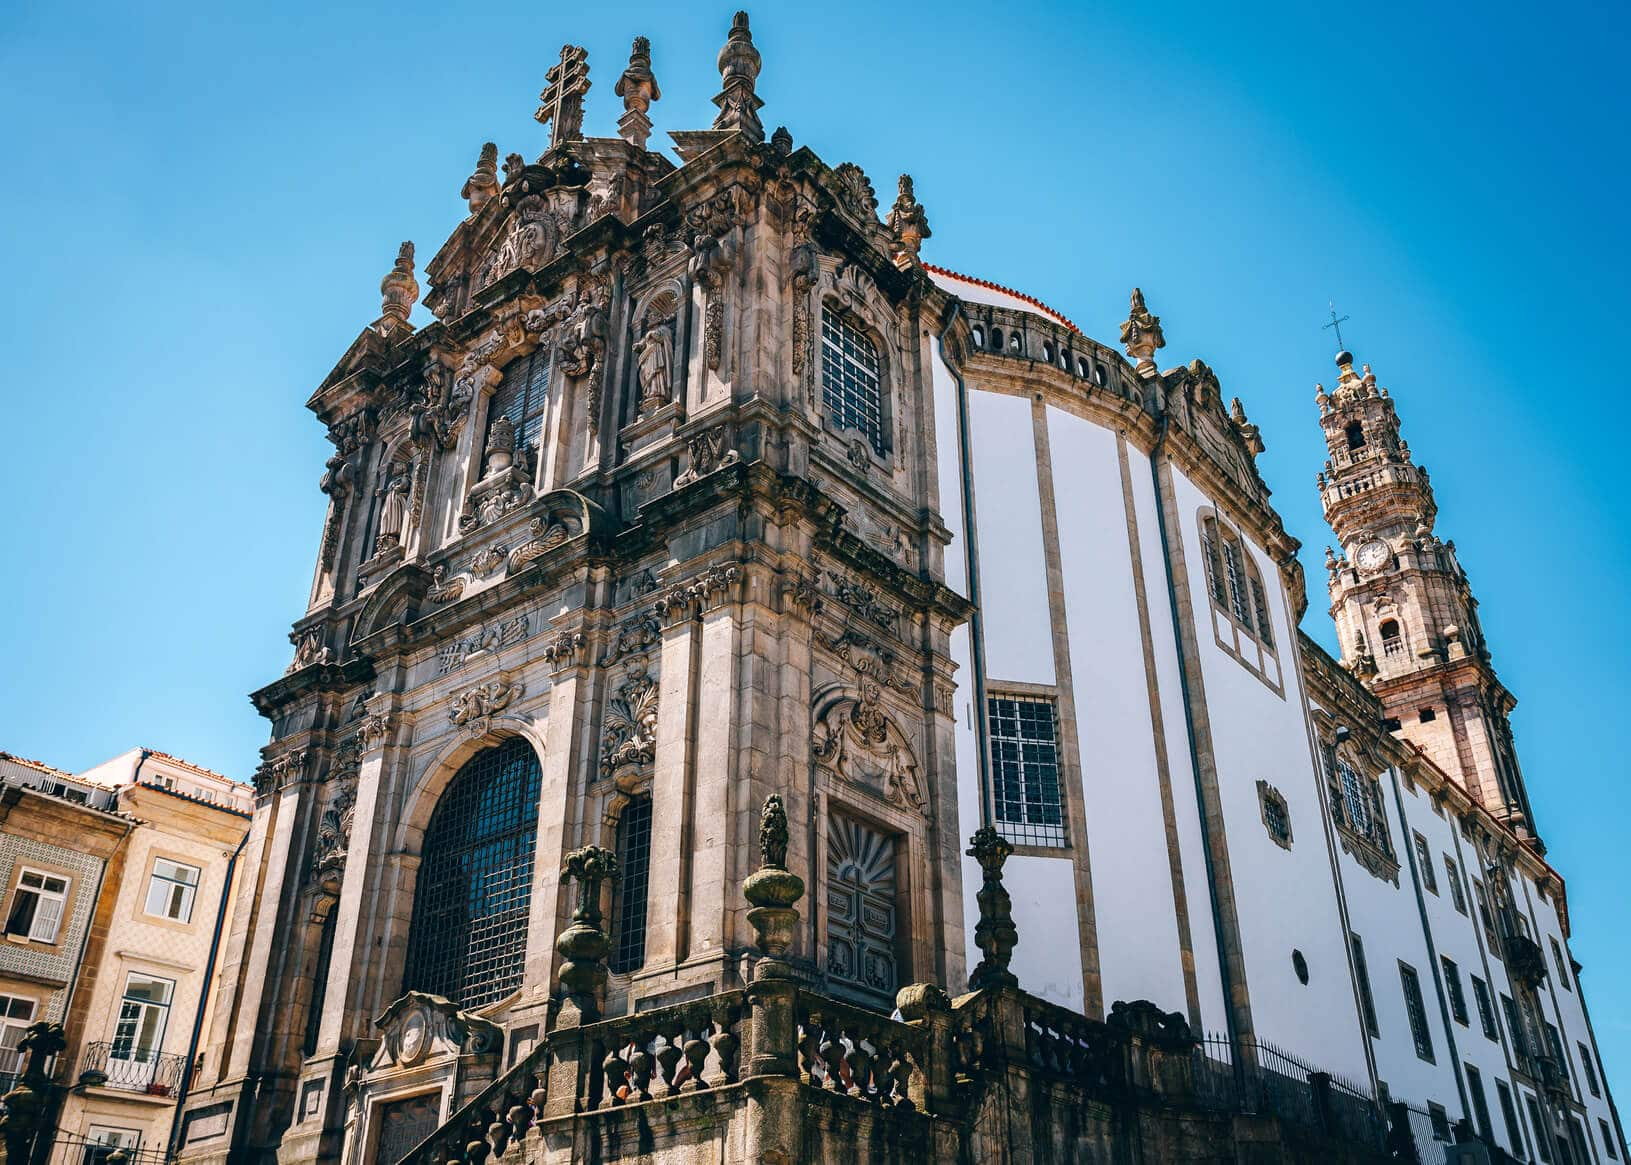 Visitas Guiadas Porto - Passeios pela Cidade do Porto